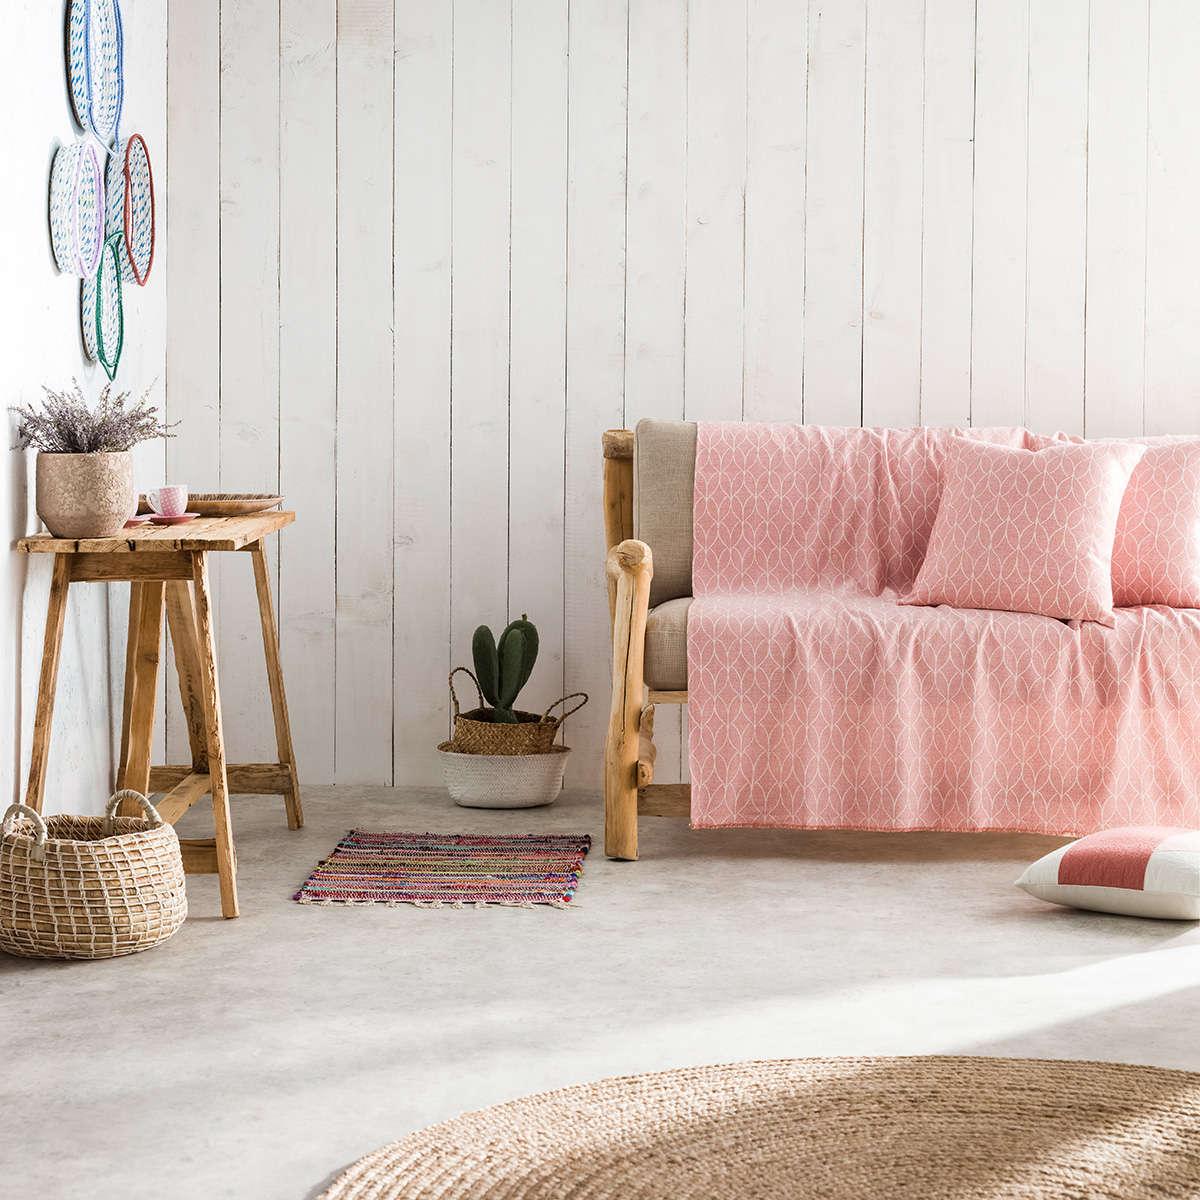 Ριχτάρι Lumien Pink 517/17 Gofis Home Τριθέσιο 180x310cm